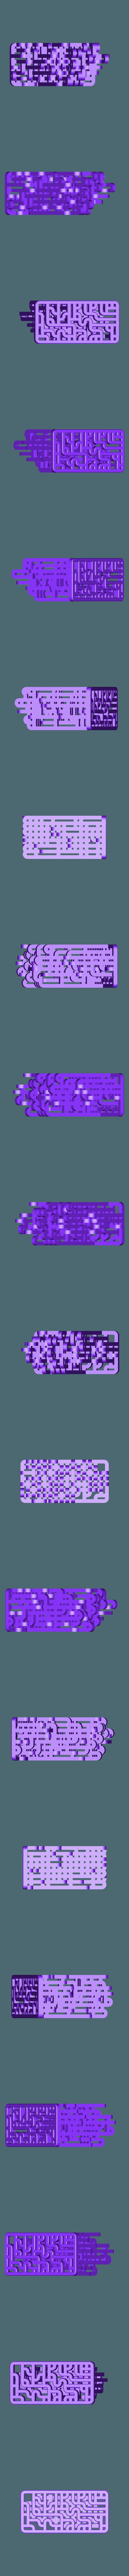 block2.stl Télécharger fichier STL gratuit Boucles de procédure • Design imprimable en 3D, ferjerez3d